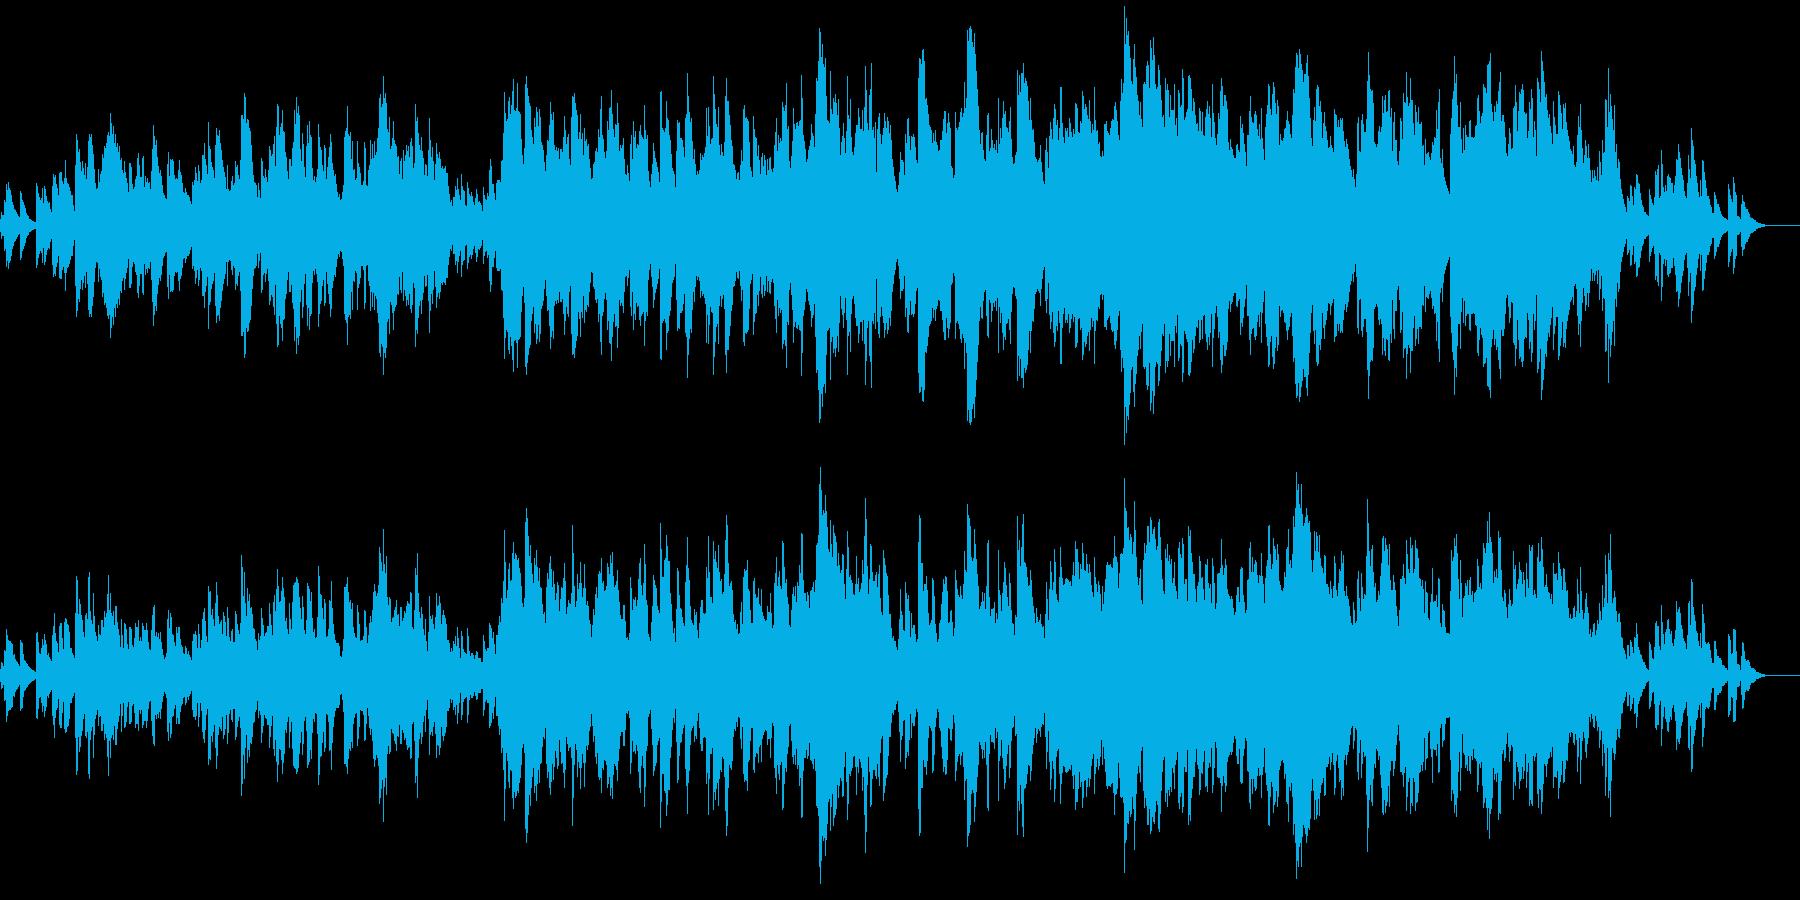 風が棚引いているような環境音楽の再生済みの波形